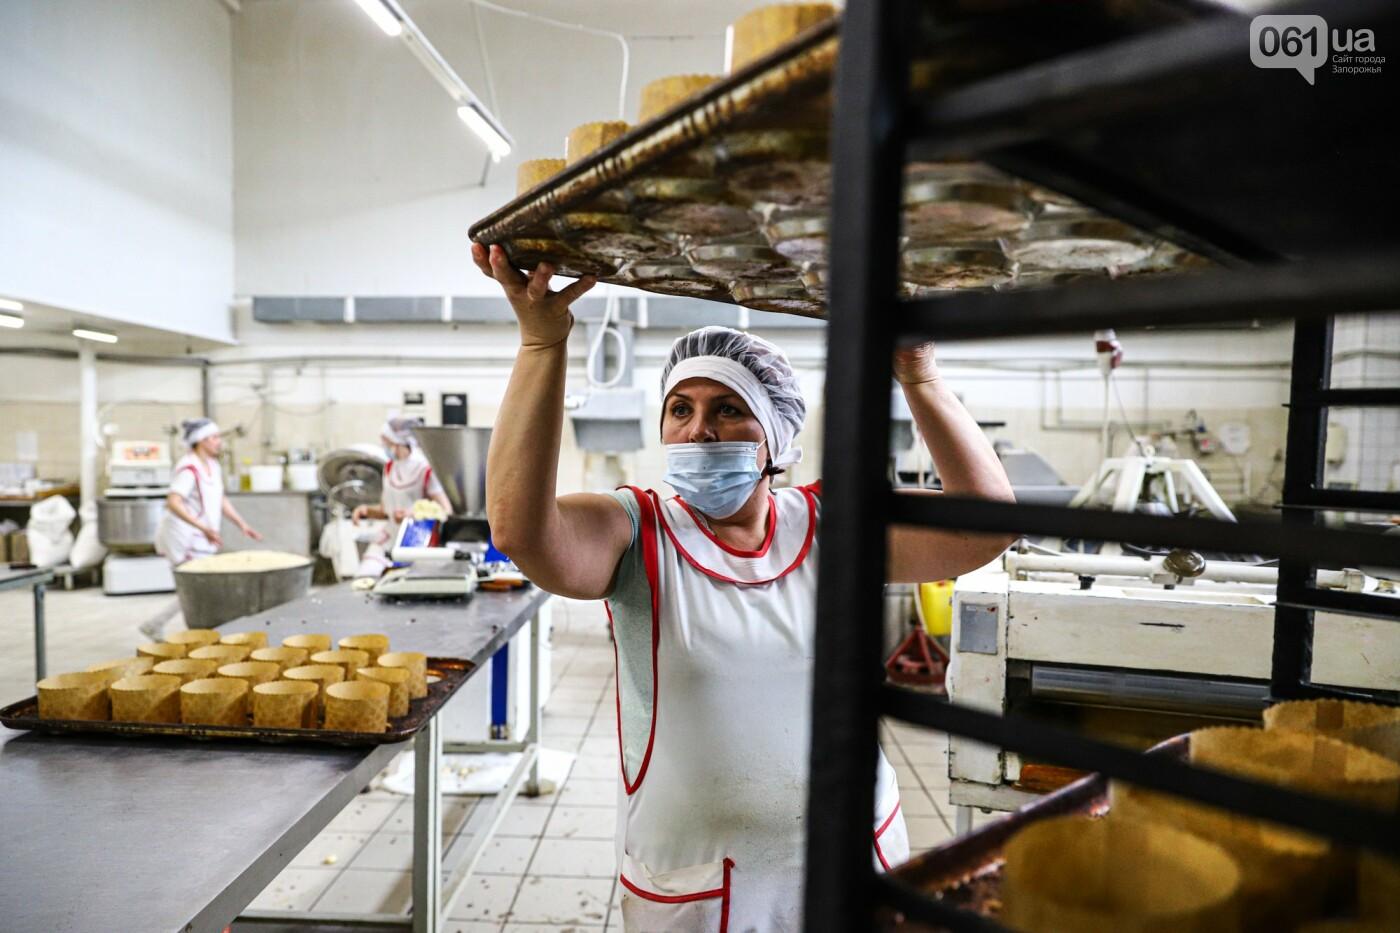 Как в Запорожье пекут и освящают паски, - ФОТОРЕПОРТАЖ , фото-31